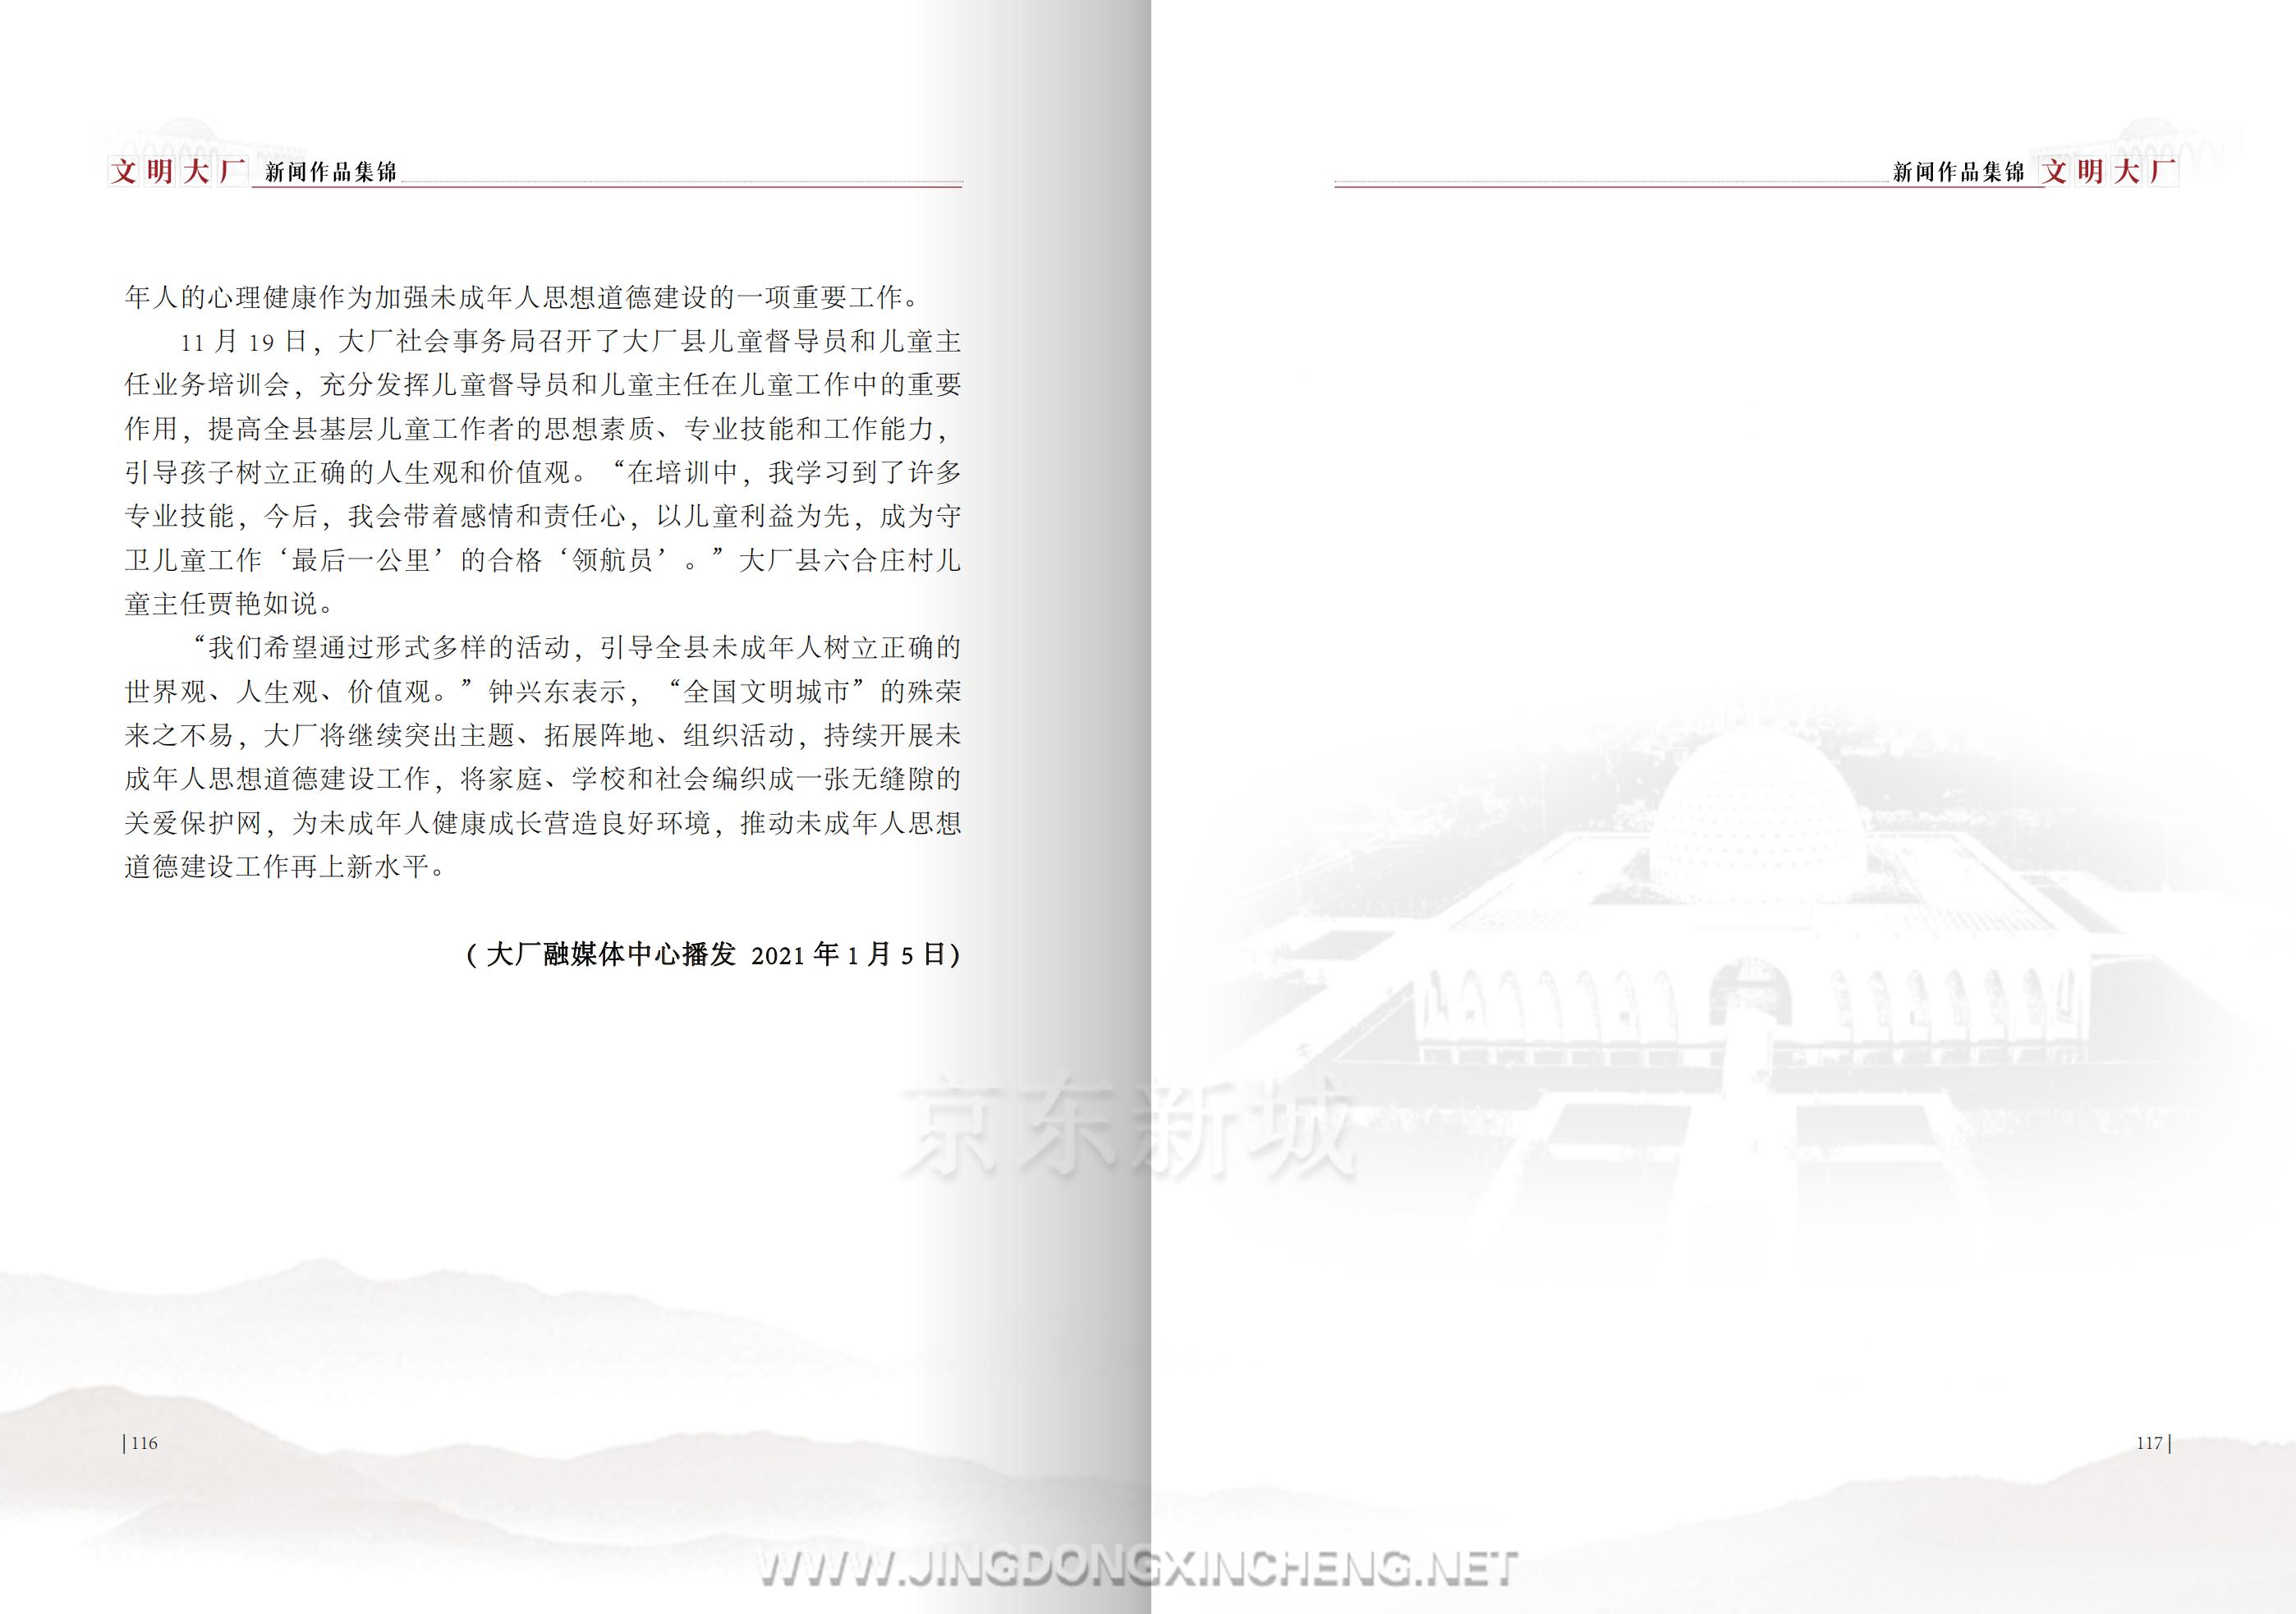 文明大厂书籍-定稿-上传版_62.png